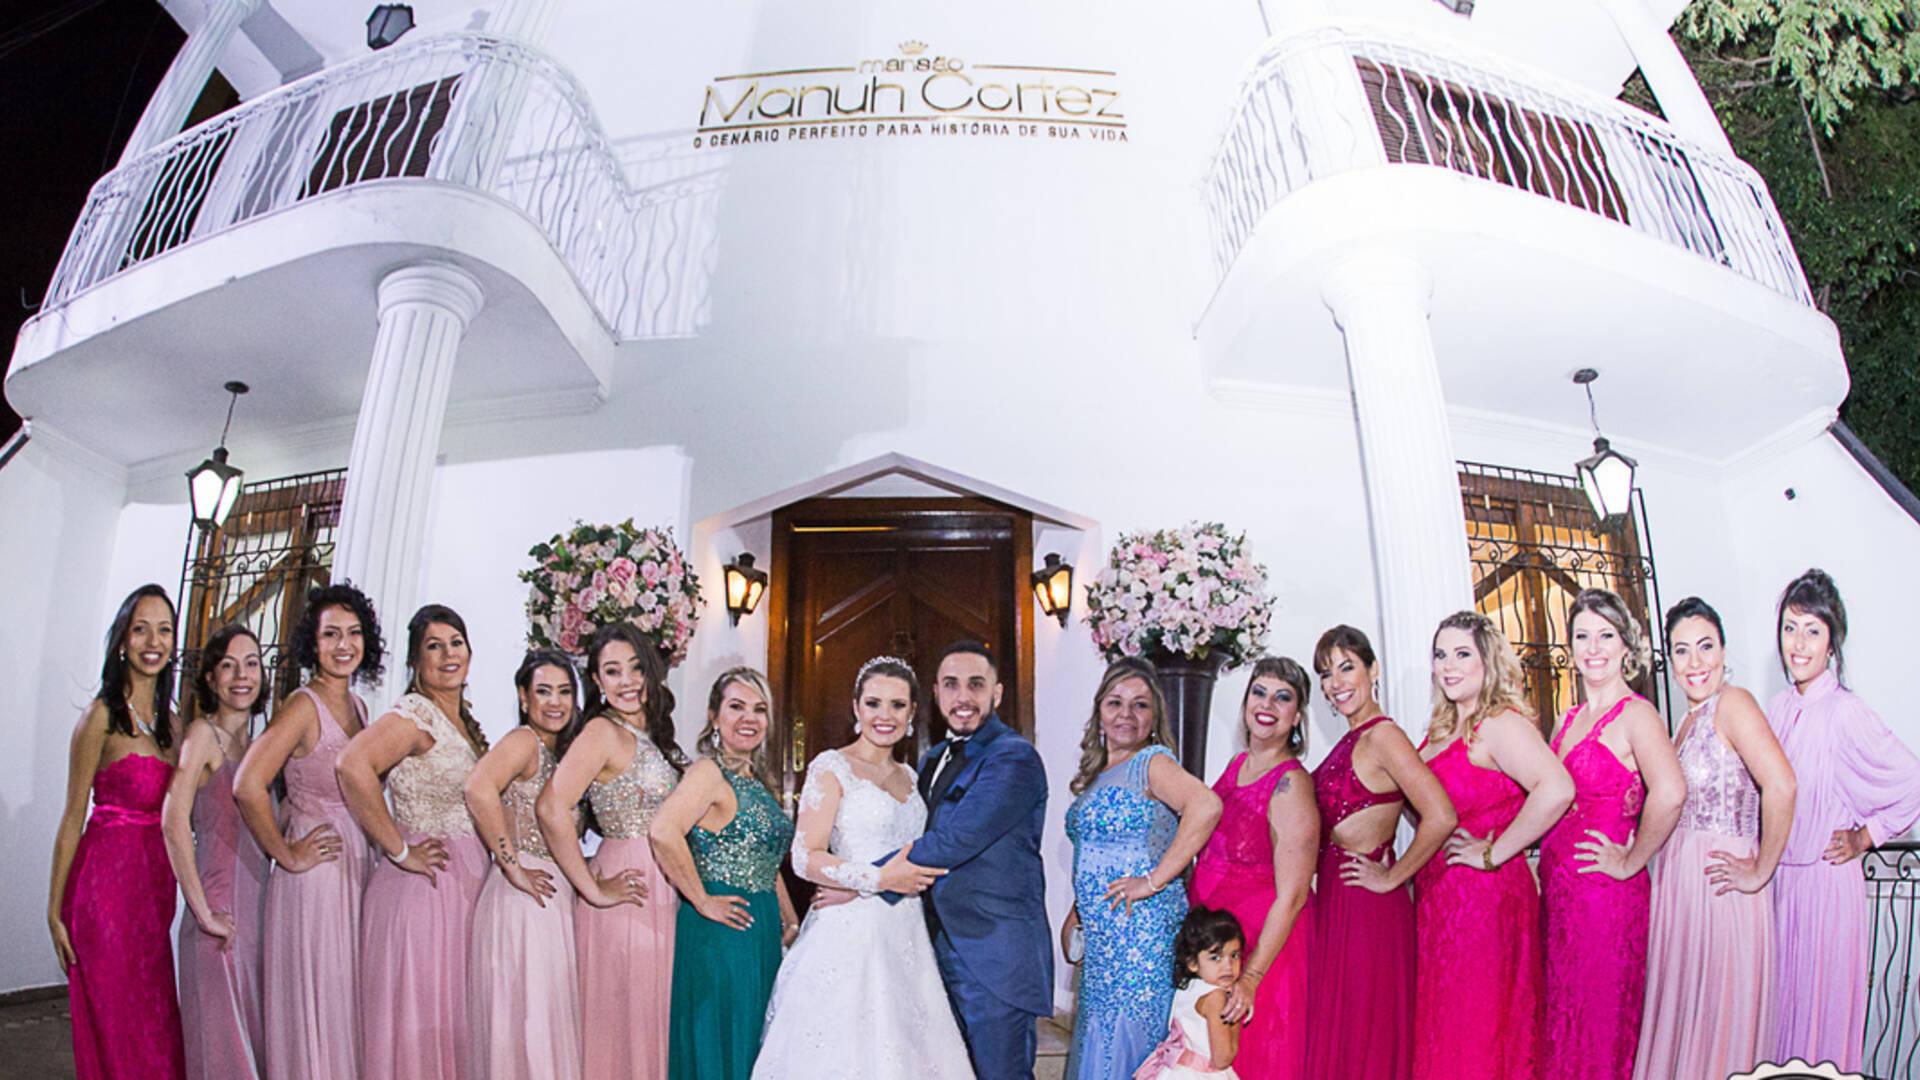 Casamento de Thaís + Tales